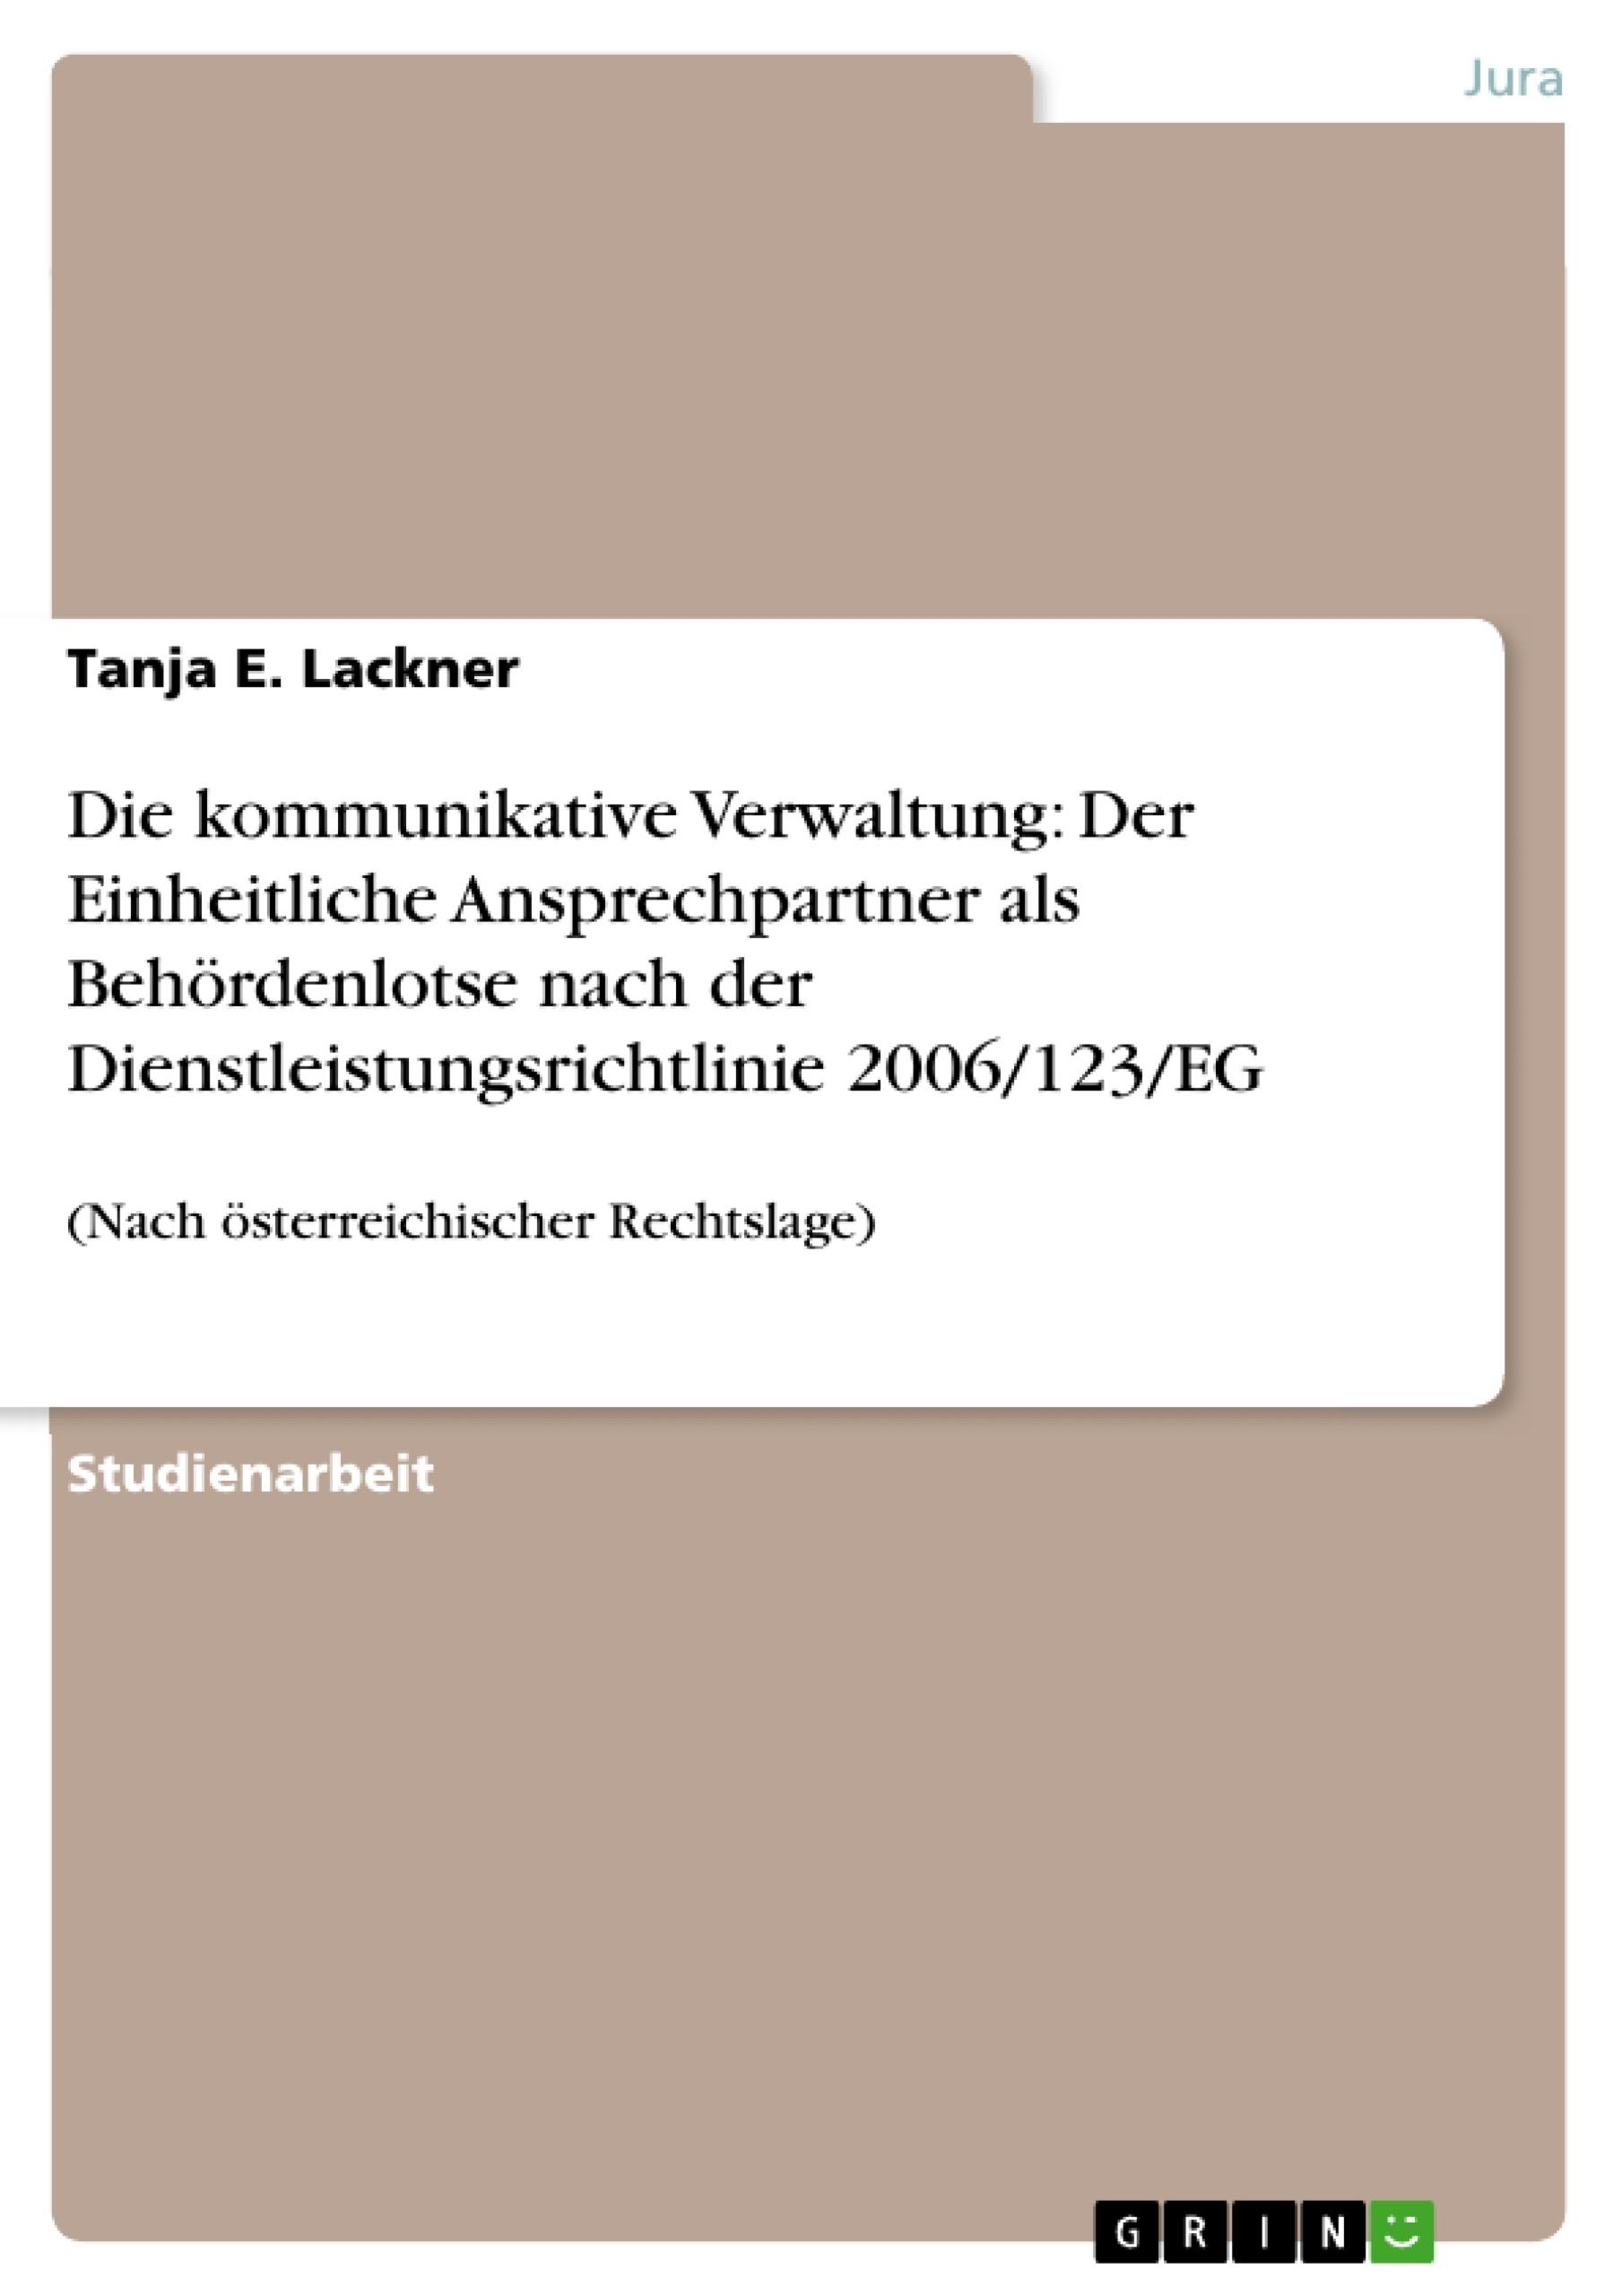 Titel: Die kommunikative Verwaltung:  Der Einheitliche Ansprechpartner als Behördenlotse nach der Dienstleistungsrichtlinie 2006/123/EG